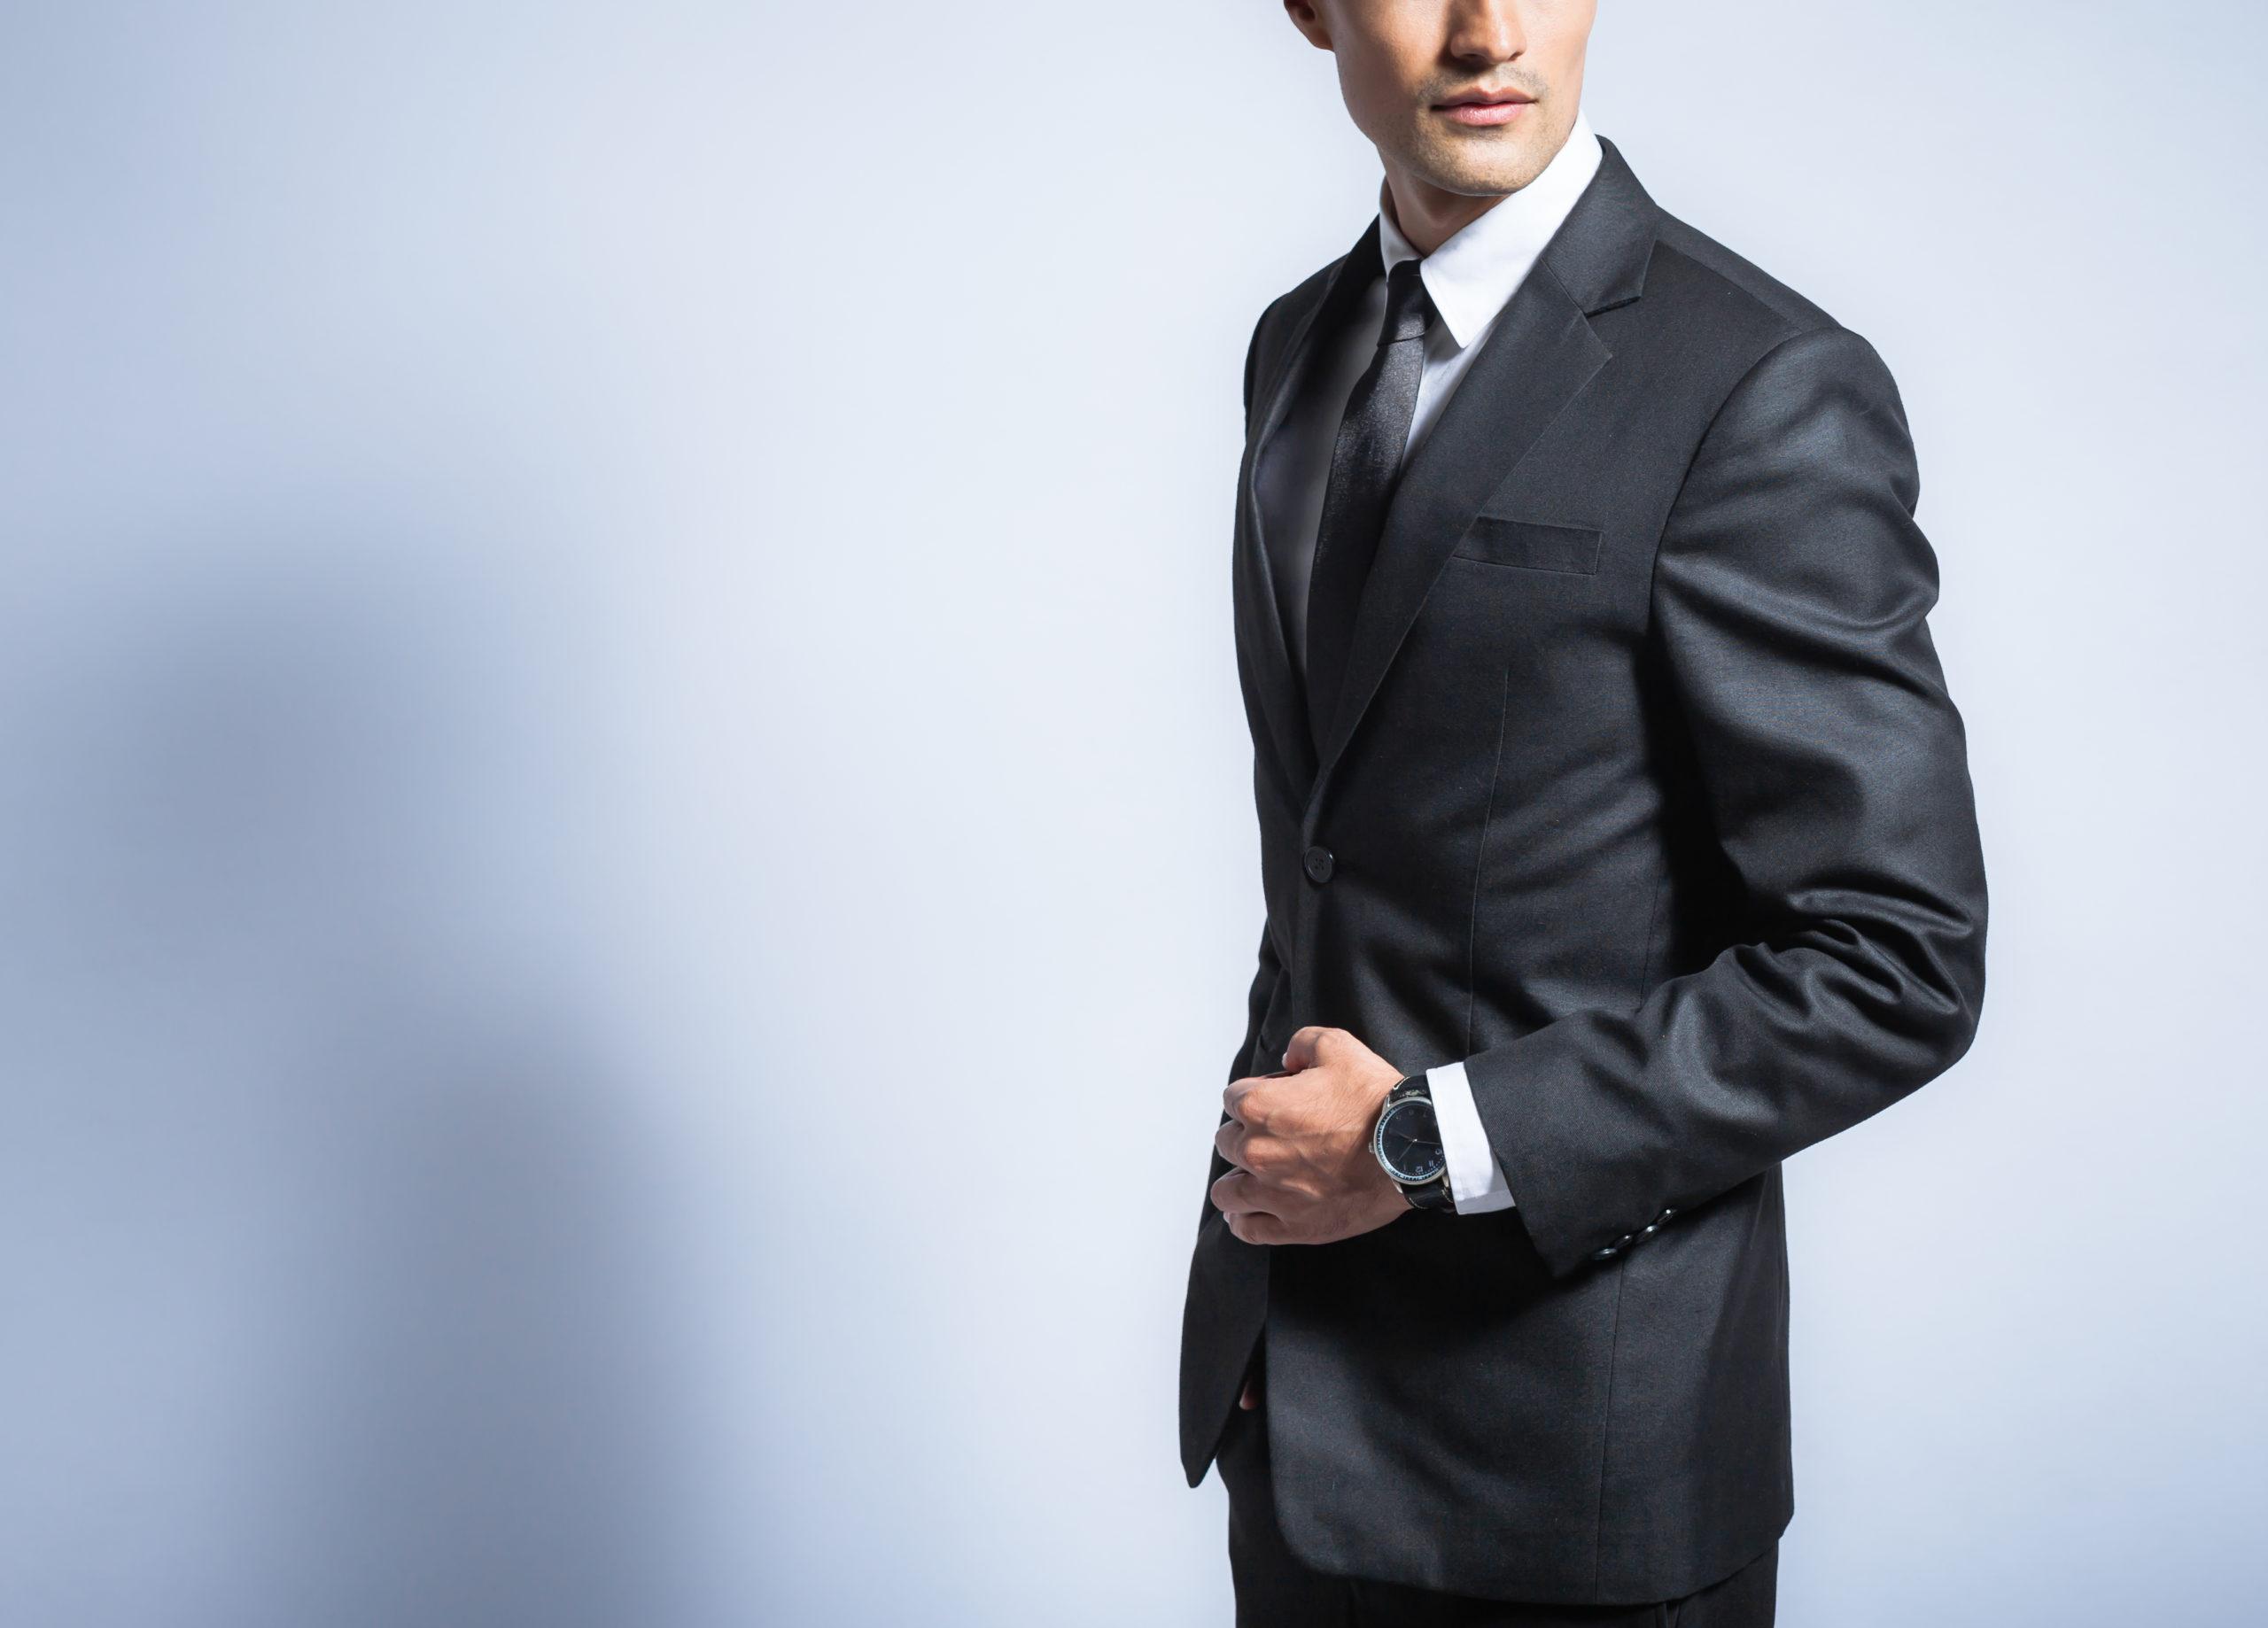 man-suit-258656765